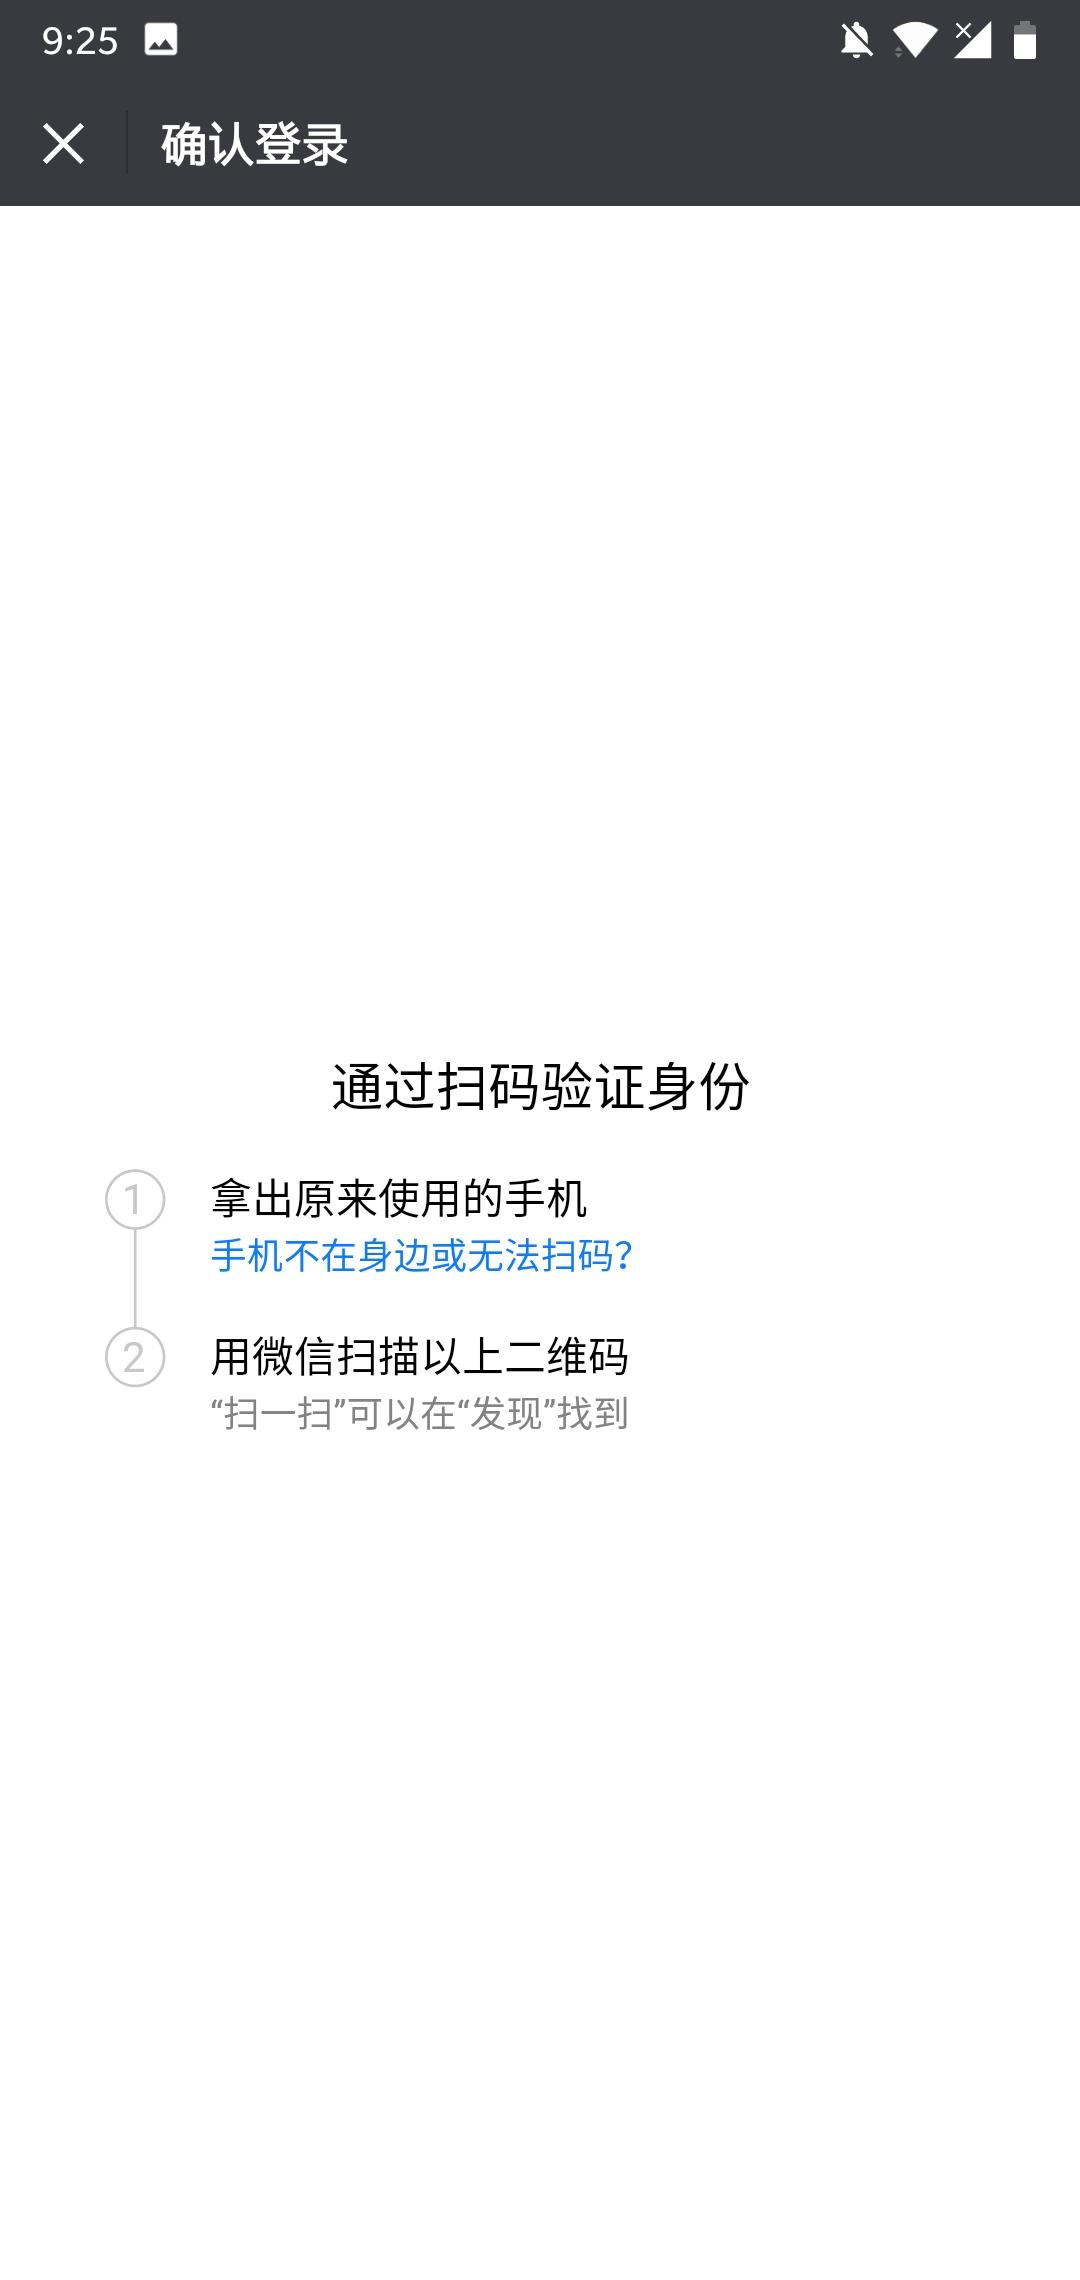 二维码界面图5.4.jpg